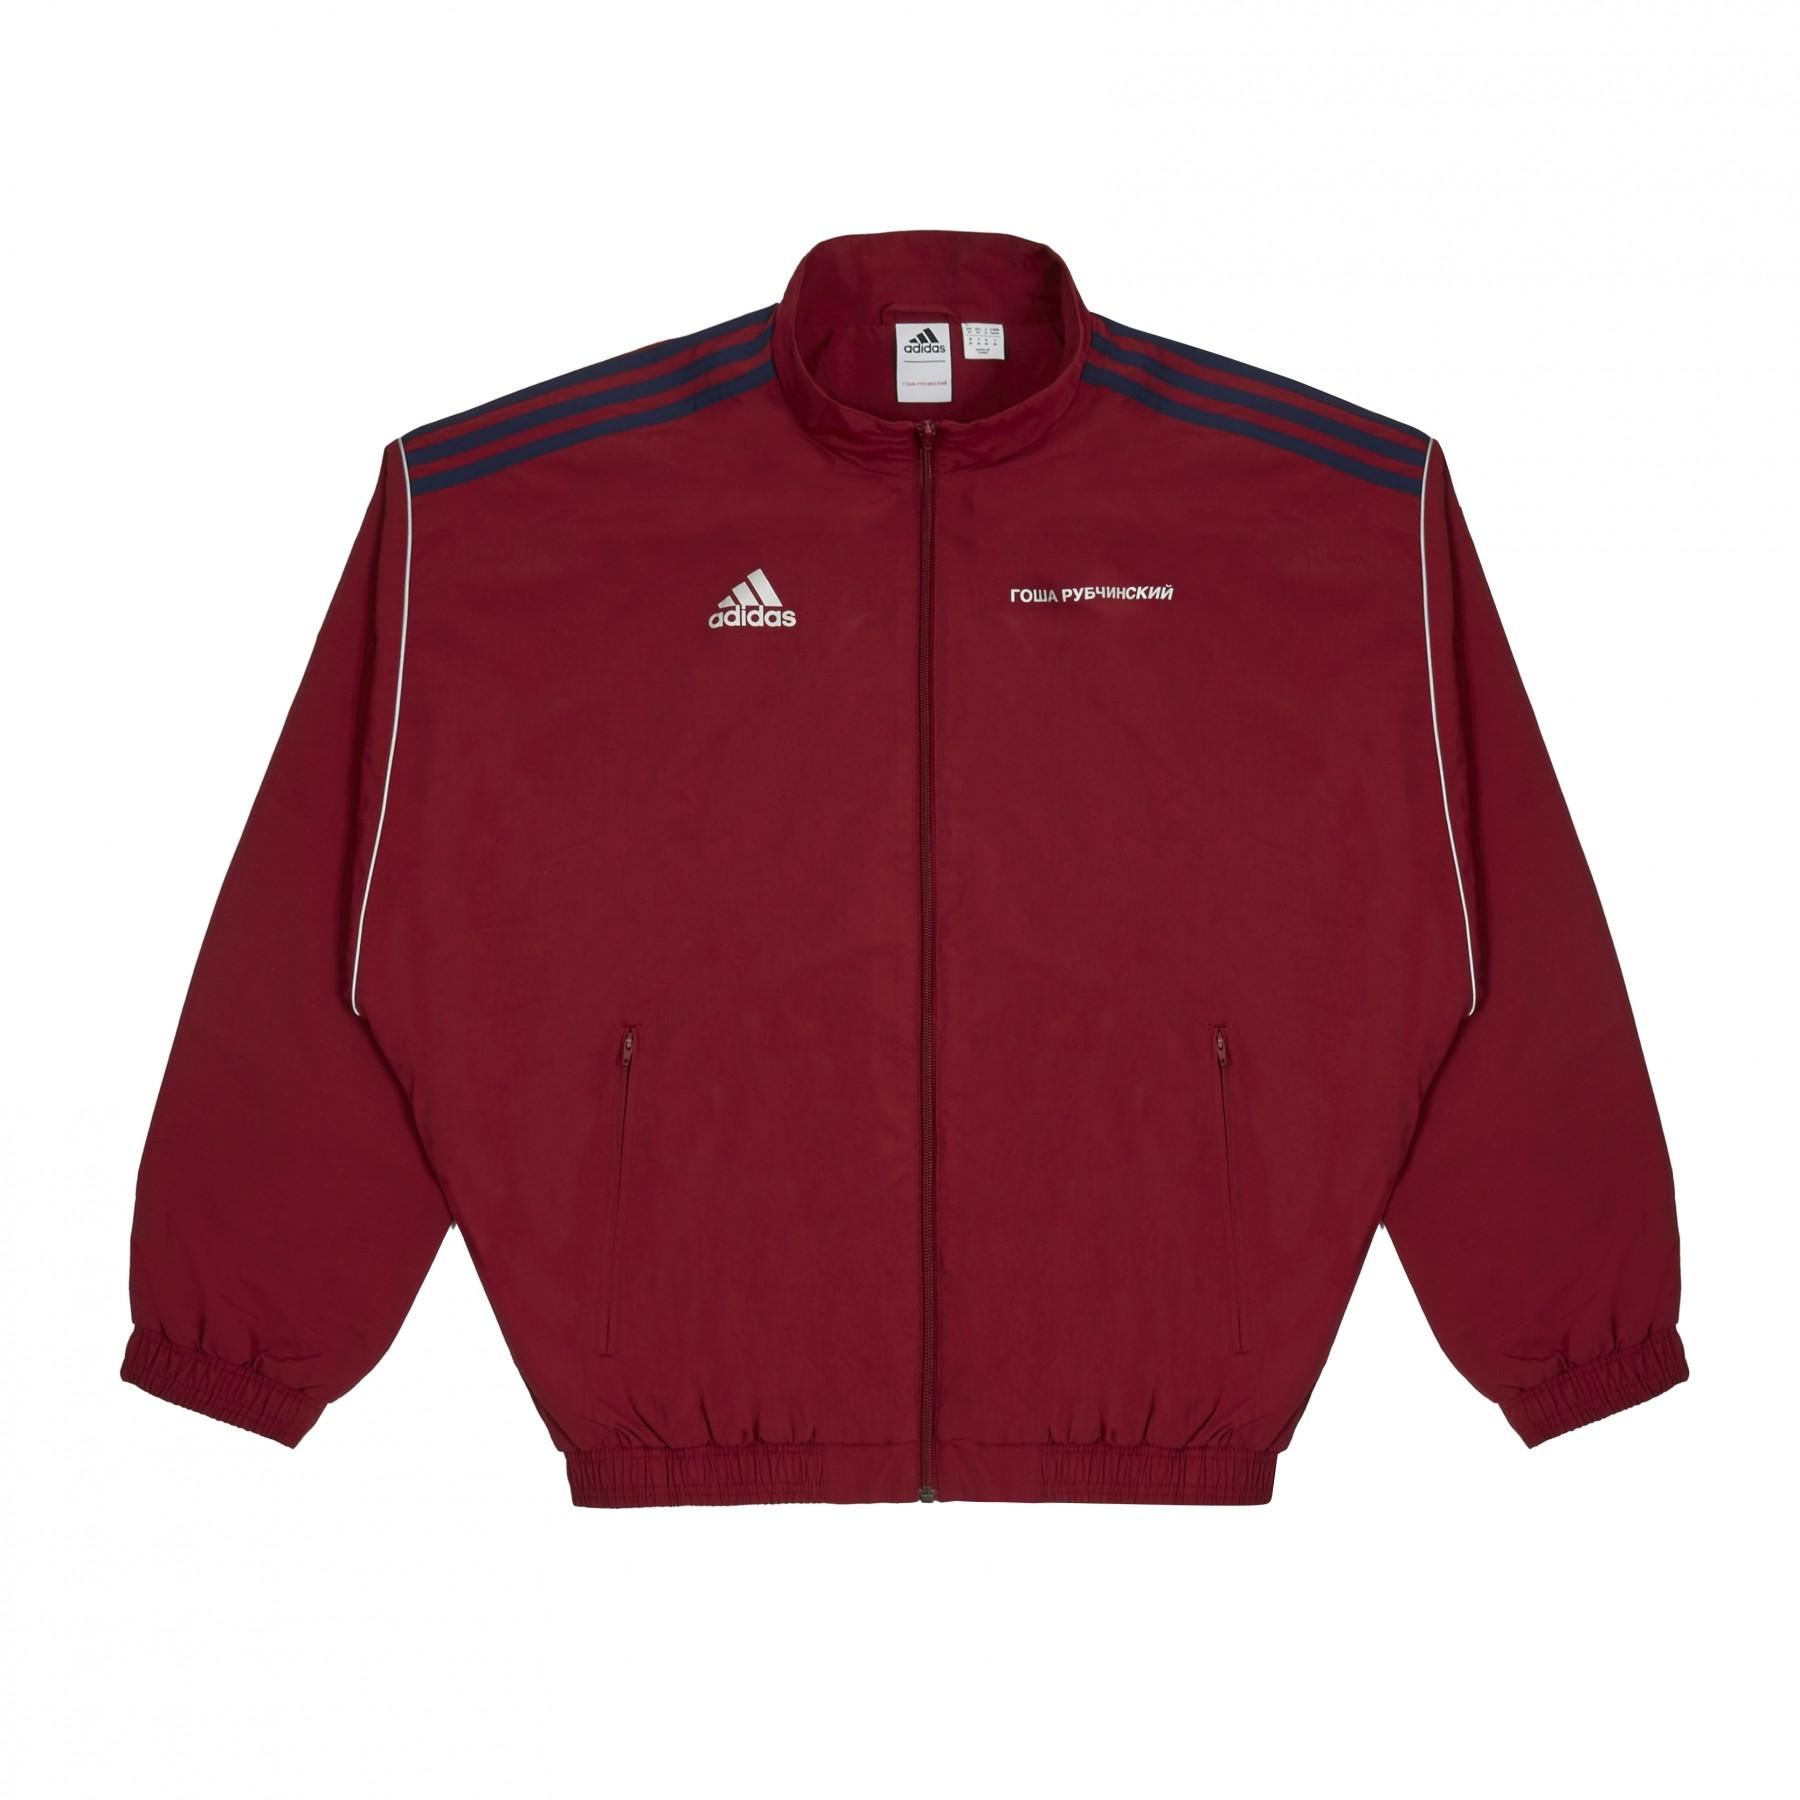 quality design 77621 ad8ad Gosha Rubchinskiy x Adidas Track Top (Burgundy)